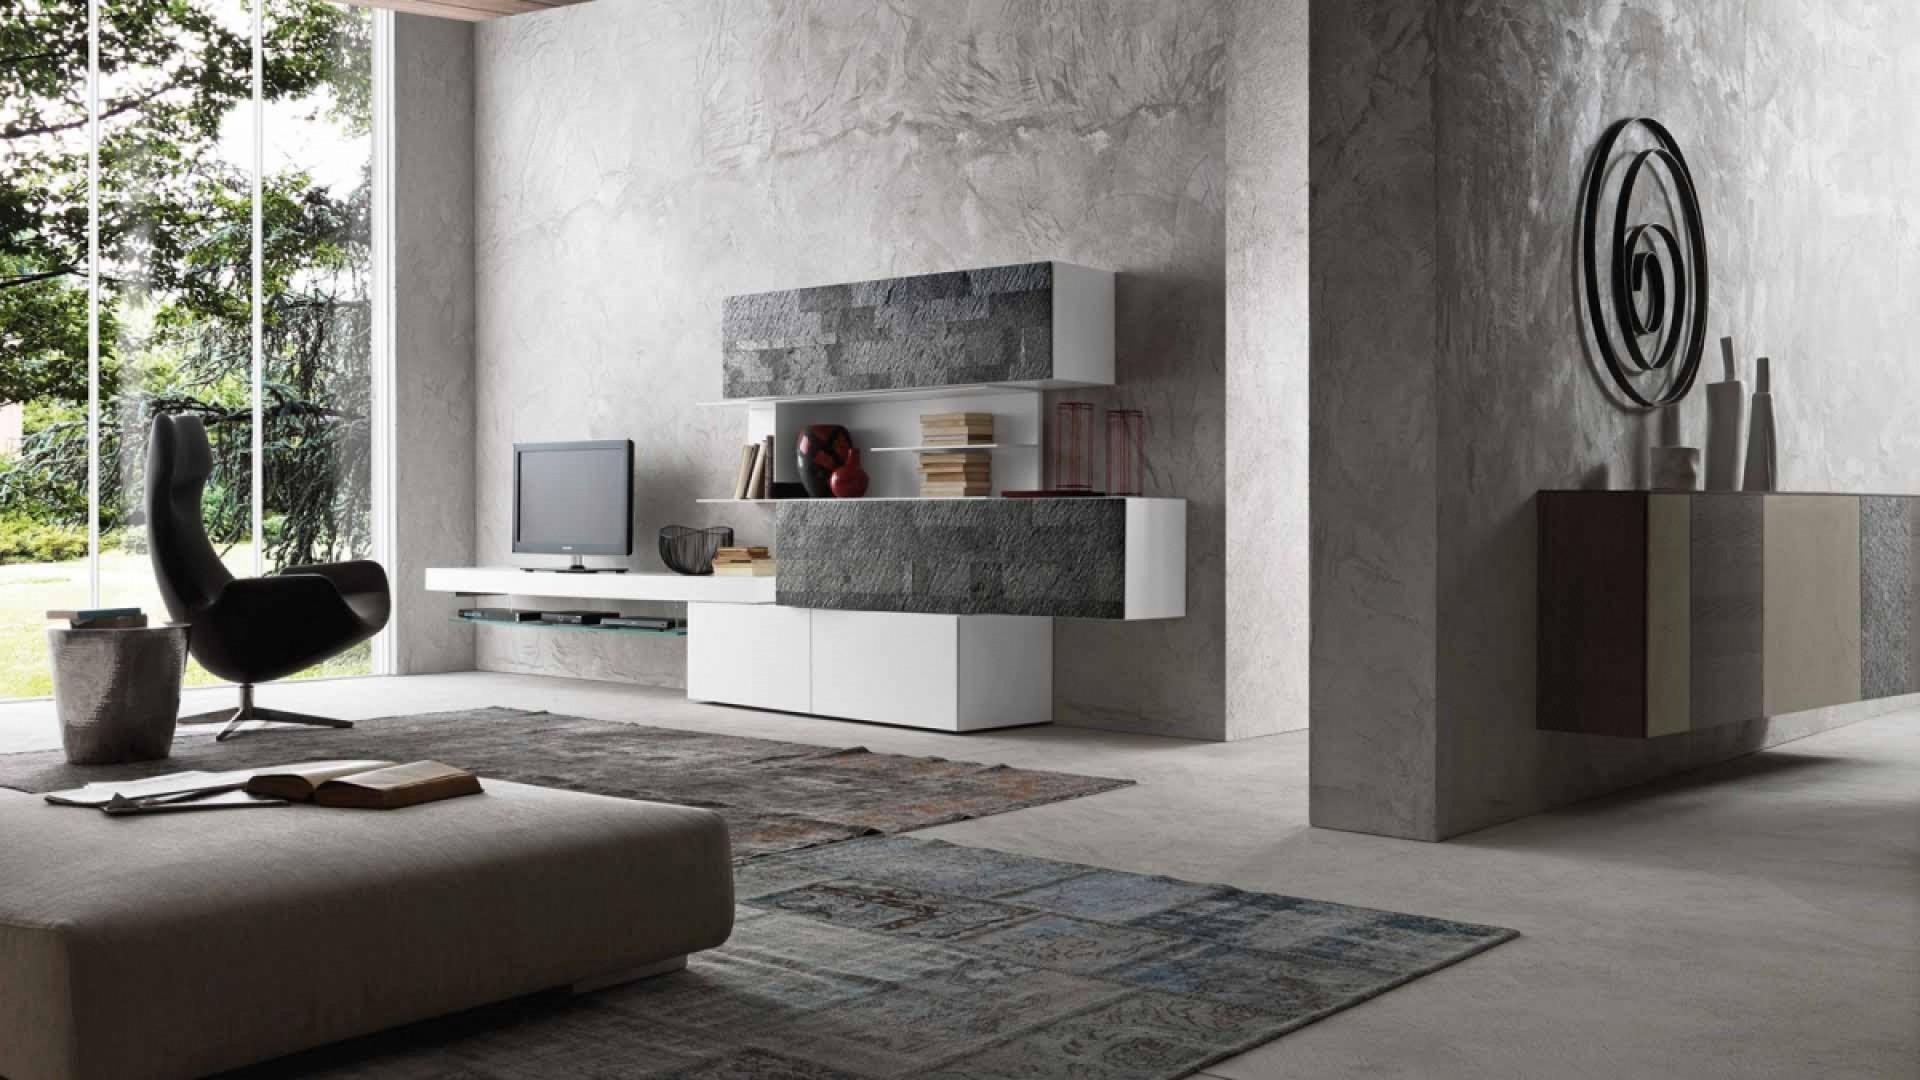 Gruppo inventa mobili per la casa - Mobili per la casa ...